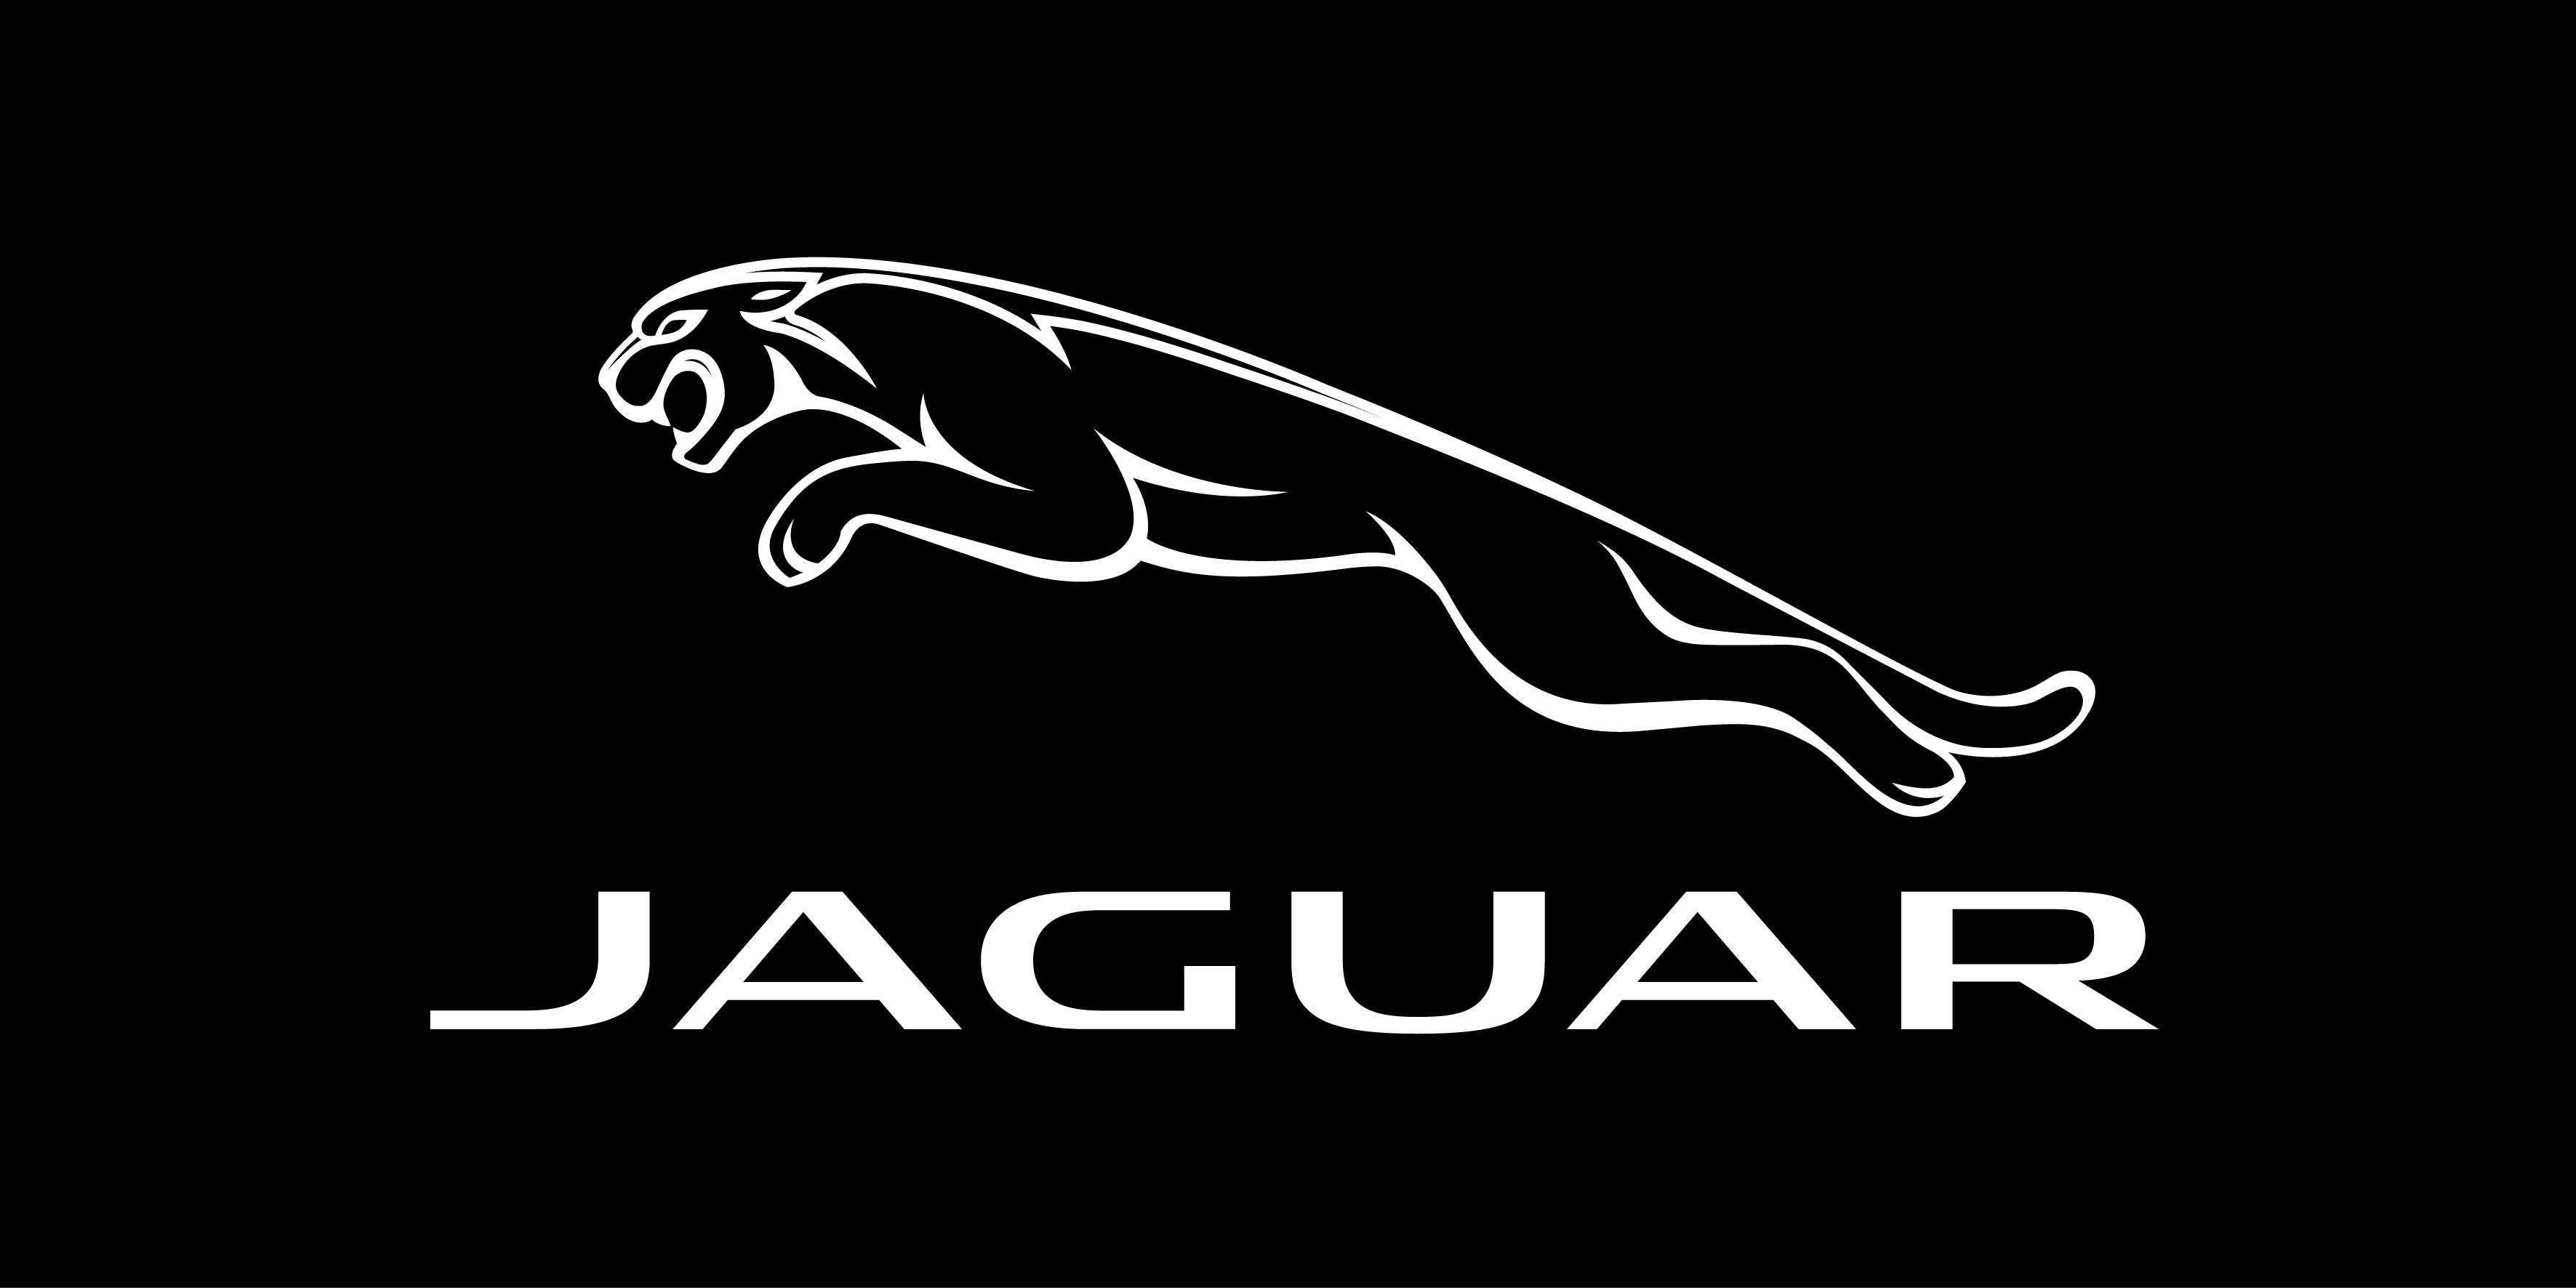 Jaguar Logos Wallpaper Clipart Vector Design